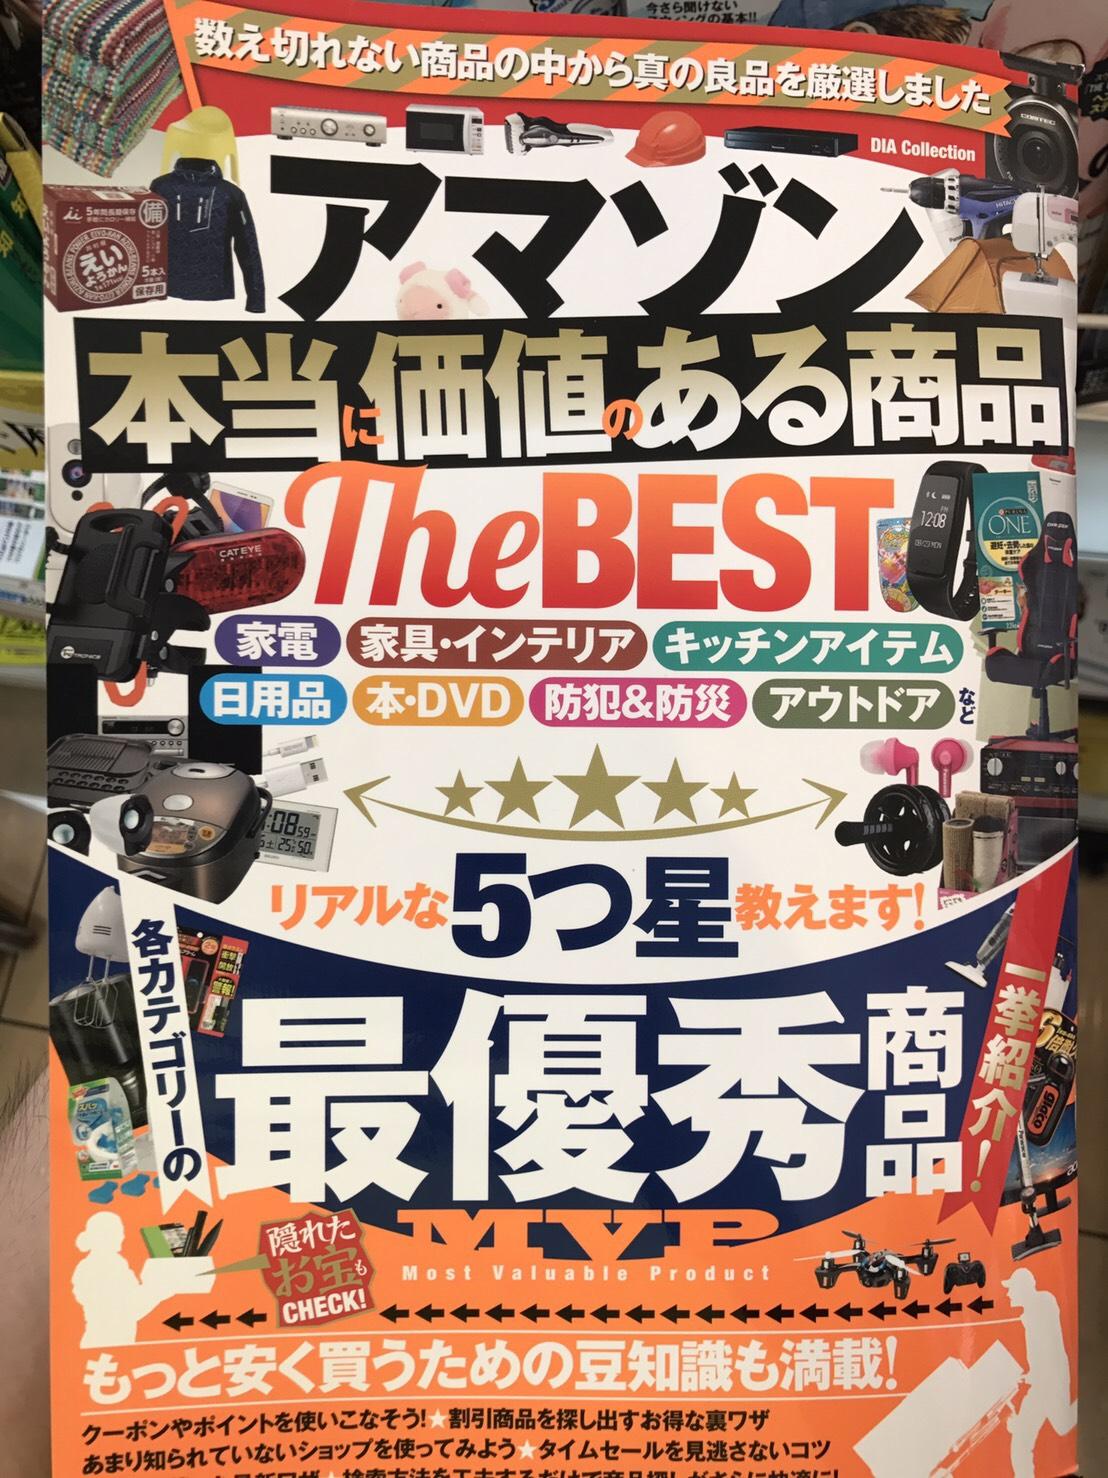 うちの中国輸入商品が雑誌に掲載されました!